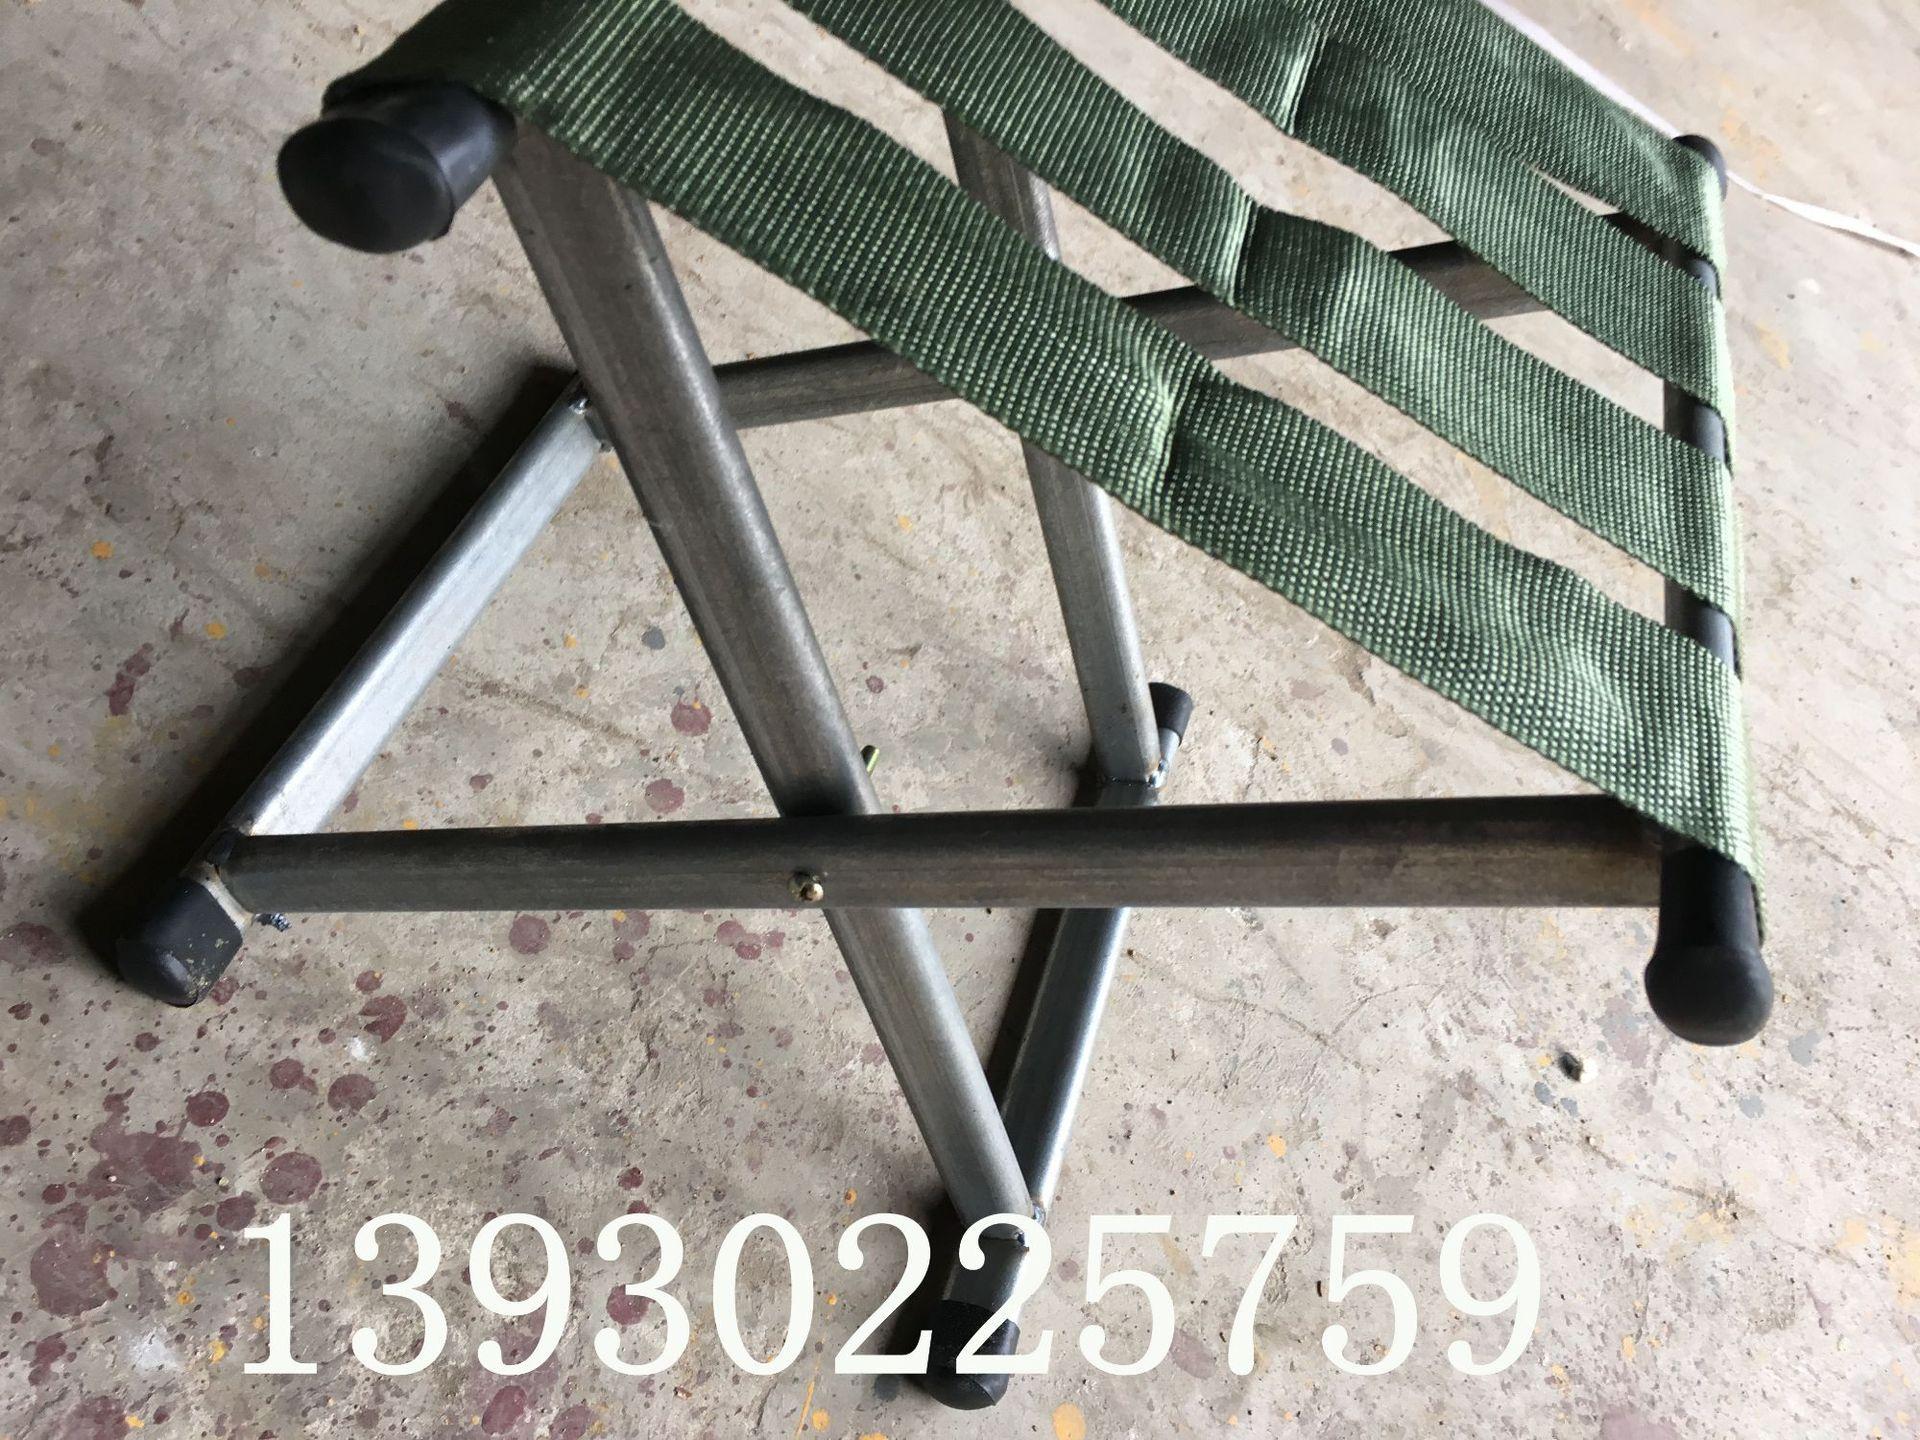 批發供應馬扎 鋼管馬扎 凳子 加厚馬扎 質量保證 扁圓馬扎